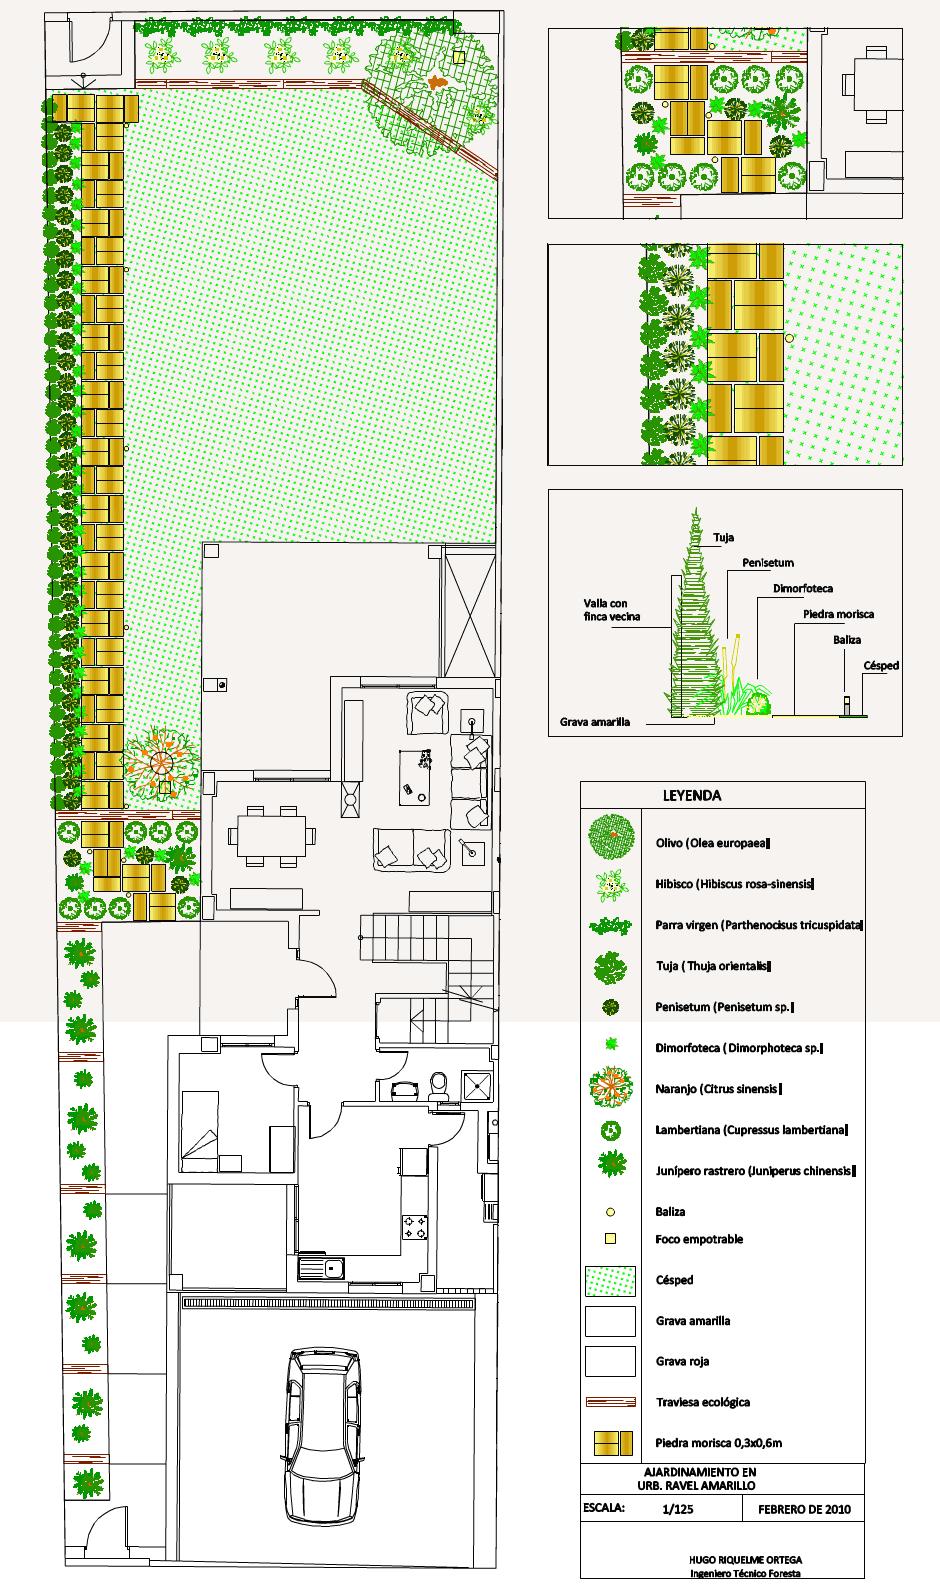 diseño de jardín jardinería paisajismo plano muchamiel alicante proyecto